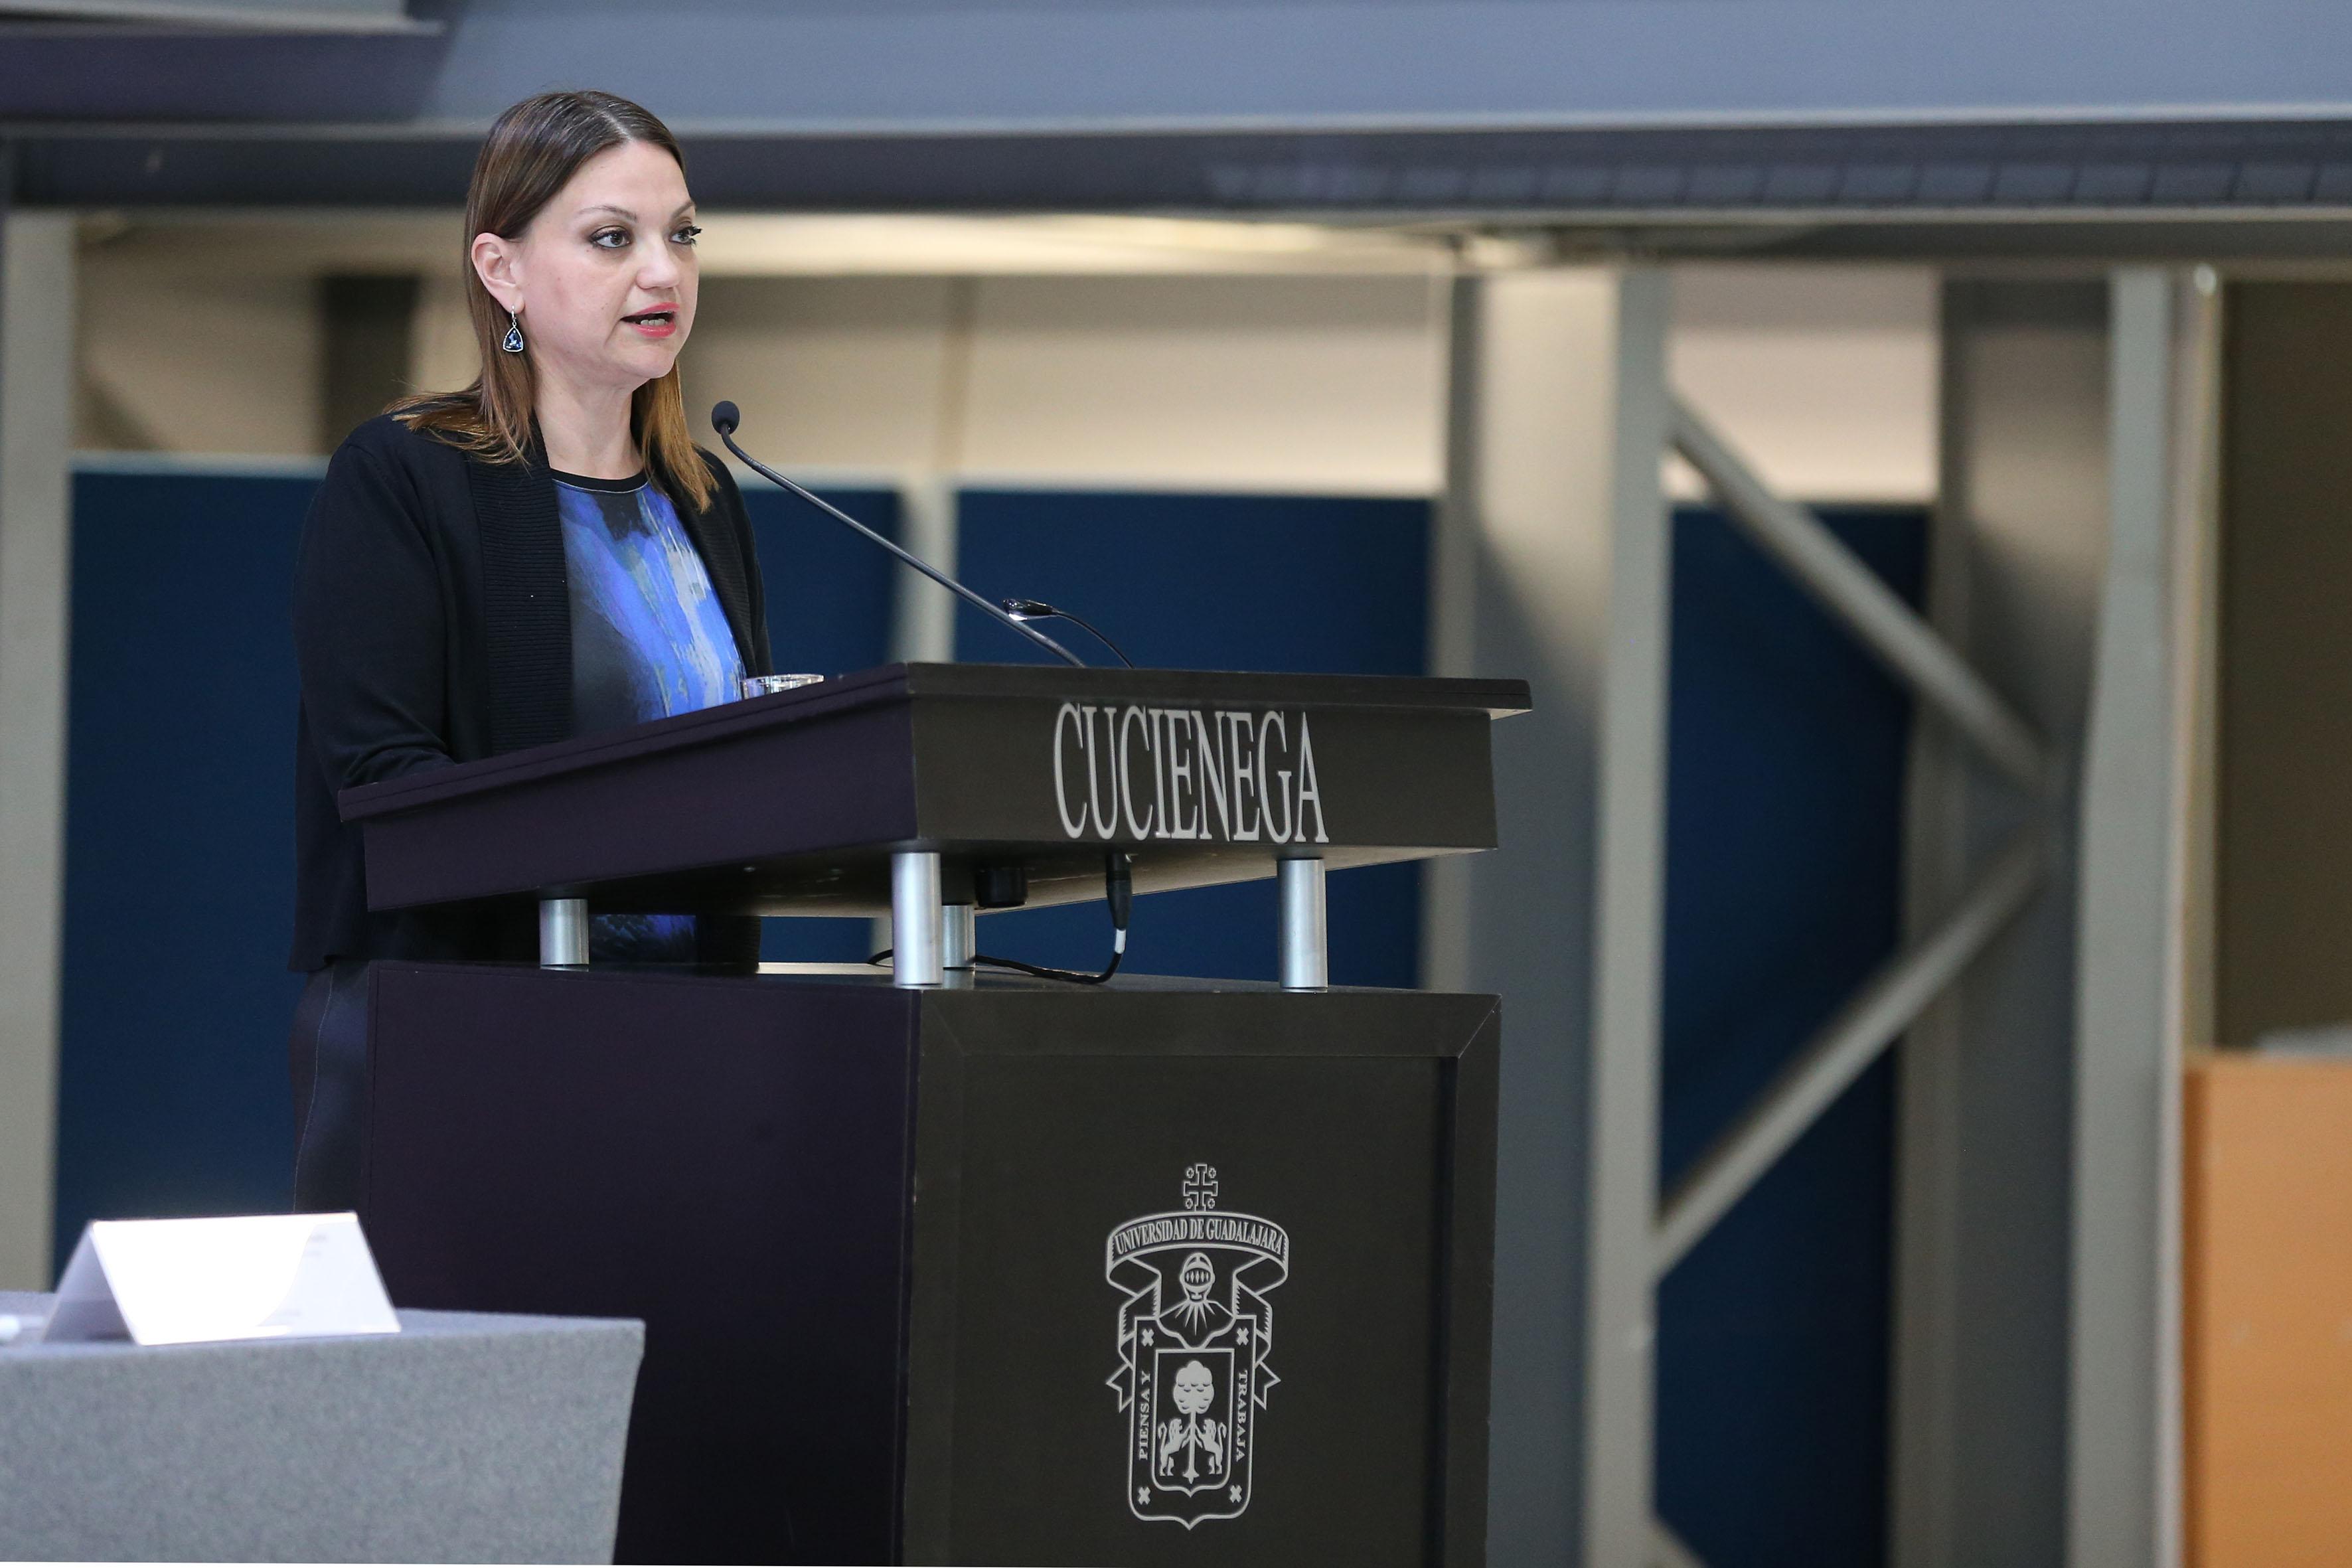 Mtra. María Felícitas Parga Jiménez, Rectora del Centro Universitario de la Ciénega (CUCiénega), haciendo uso de la palabra